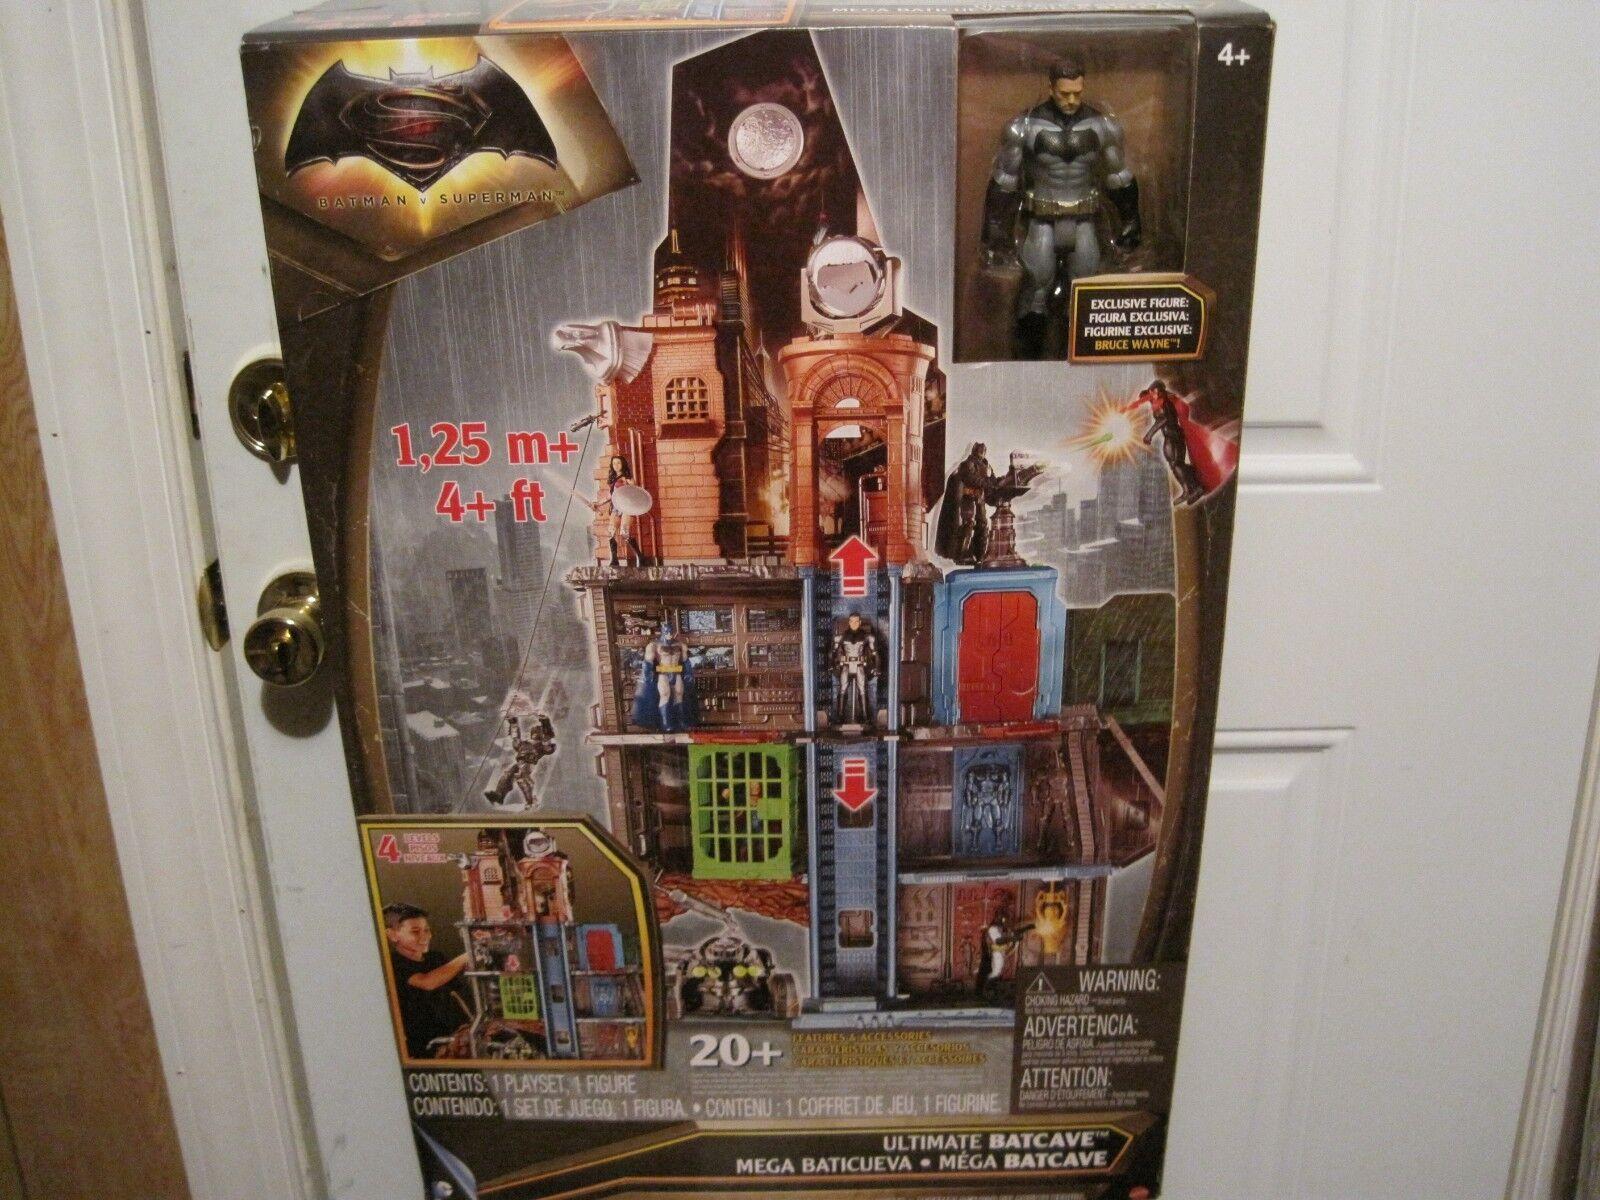 Ultimate Batman V. súperman Baticueva Conjunto de Juego 4 pies de altura los niveles de 4 -- -- nuevo En Caja